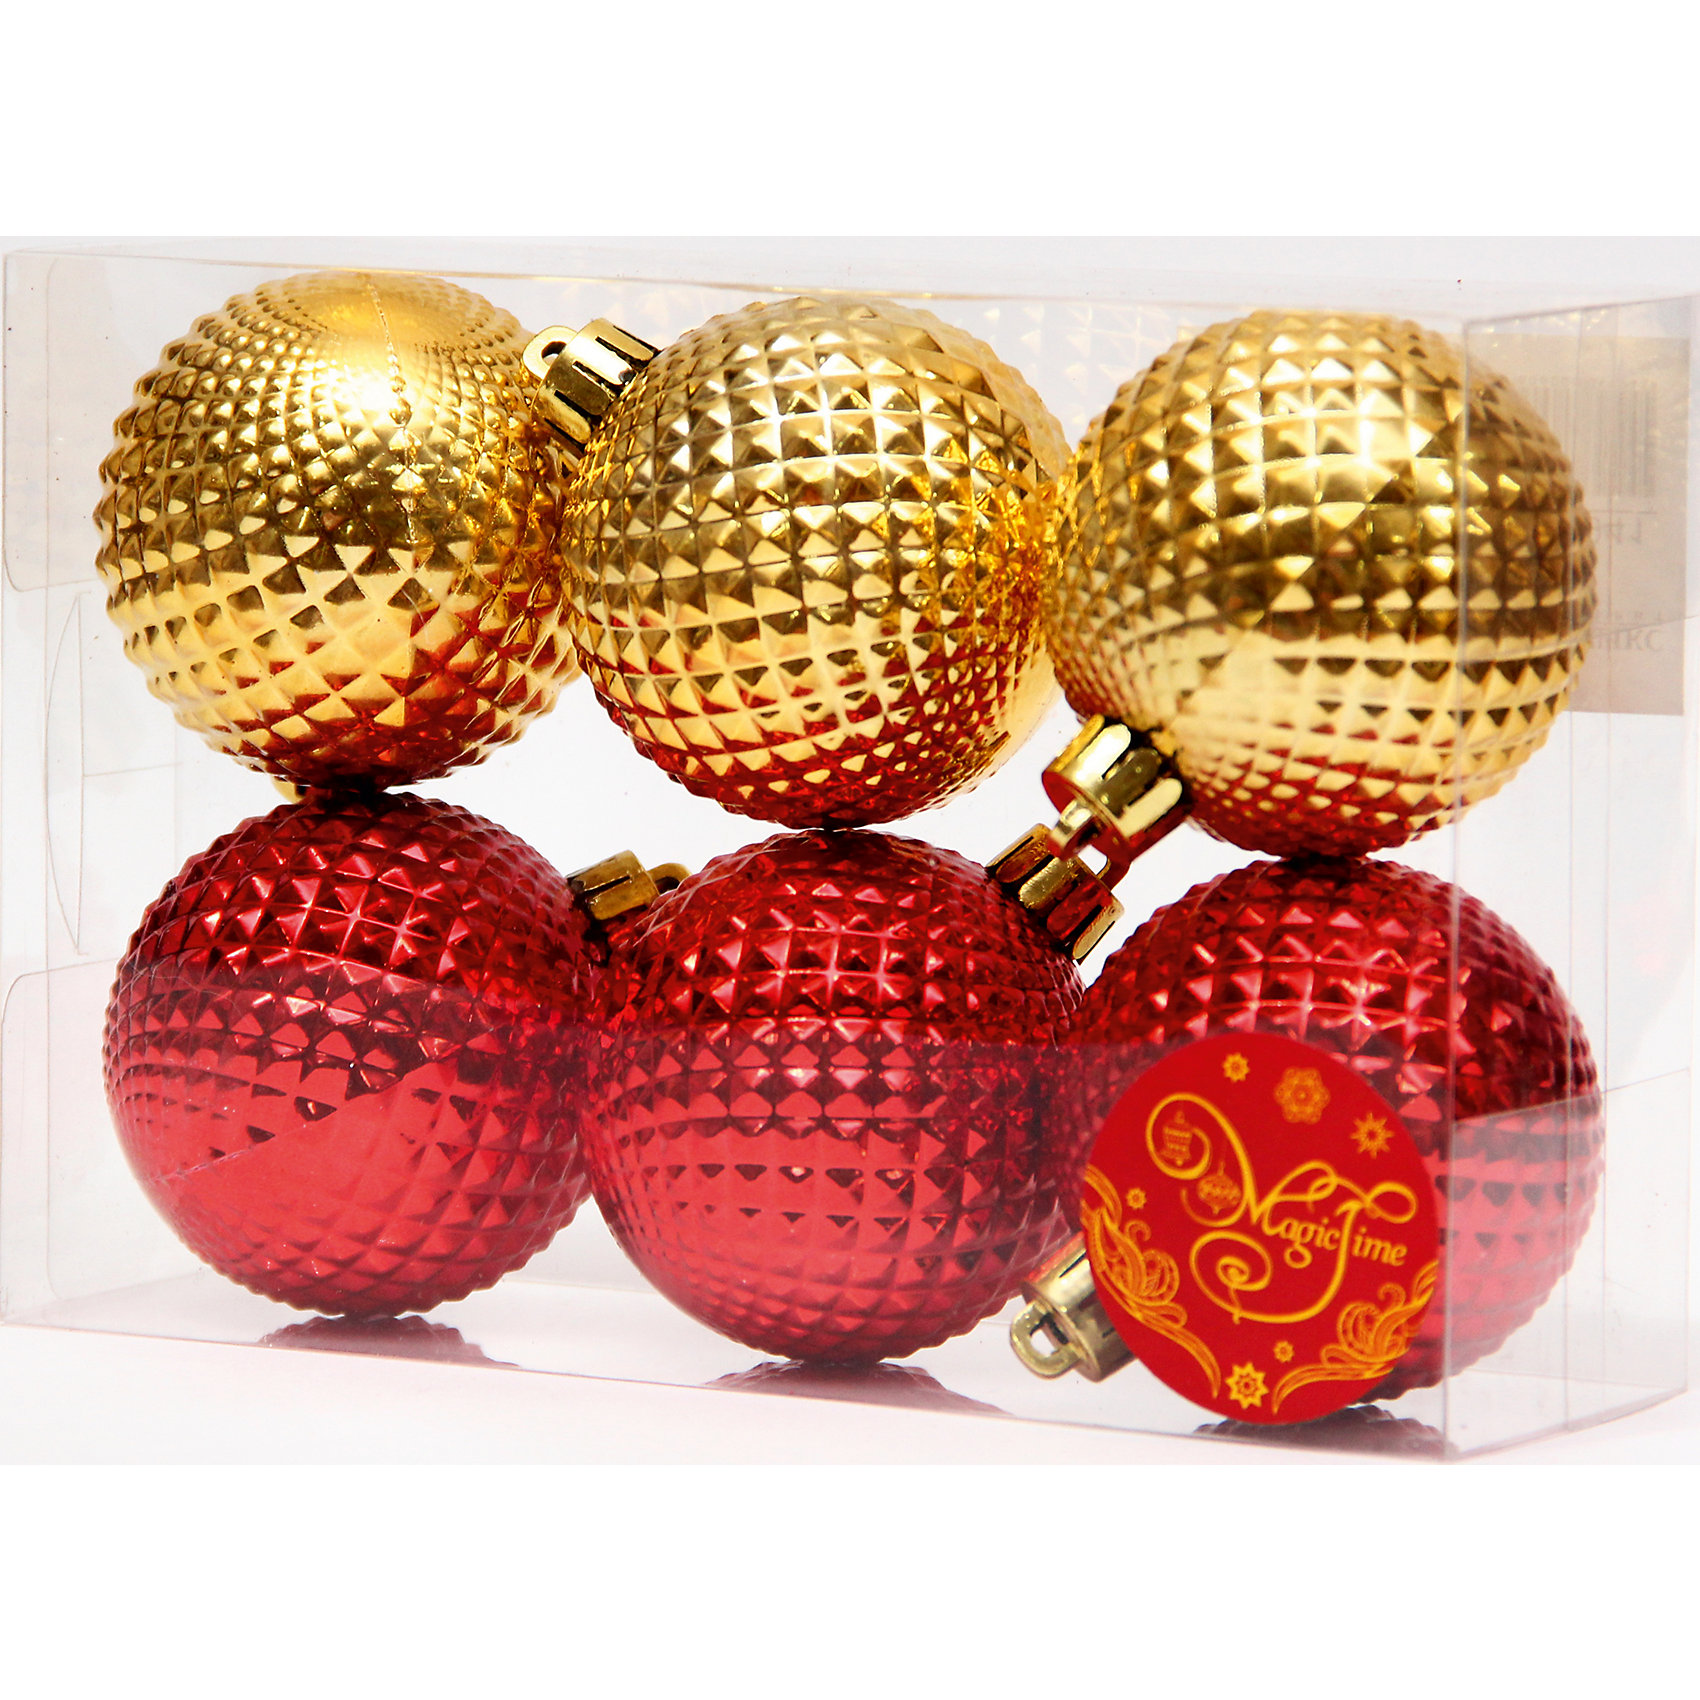 Набор шаров Золотые и красные шары 6 штНабор шаров Золотые и красные шары 6 шт – этот набор принесет в ваш дом ни с чем несравнимое ощущение праздника!<br>Набор новогодних подвесных украшений Золотые и красные шары прекрасно подойдет для праздничного декора вашей ели. Набор состоит из 6 шаров, изготовленных из полистирола – 3 красного цвета, 3 золотого цвета. Для удобного размещения на елке для каждого шара предусмотрена петелька. Елочная игрушка - символ Нового года. Она несет в себе волшебство и красоту праздника. Создайте в своем доме атмосферу веселья и радости, украшая новогоднюю елку нарядными игрушками, которые будут из года в год накапливать теплоту воспоминаний. Откройте для себя удивительный мир сказок и грез. Почувствуйте волшебные минуты ожидания праздника, создайте новогоднее настроение вашим близким.<br><br>Дополнительная информация:<br><br>- В наборе: 6 шаров<br>- Материал: полистирол<br>- Цвет: красный, золотой<br>- Размер упаковки: 18 х 12 х 6 см.<br><br>Набор шаров Золотые и красные шары 6 шт можно купить в нашем интернет-магазине.<br><br>Ширина мм: 300<br>Глубина мм: 250<br>Высота мм: 100<br>Вес г: 570<br>Возраст от месяцев: 36<br>Возраст до месяцев: 2147483647<br>Пол: Унисекс<br>Возраст: Детский<br>SKU: 4981543